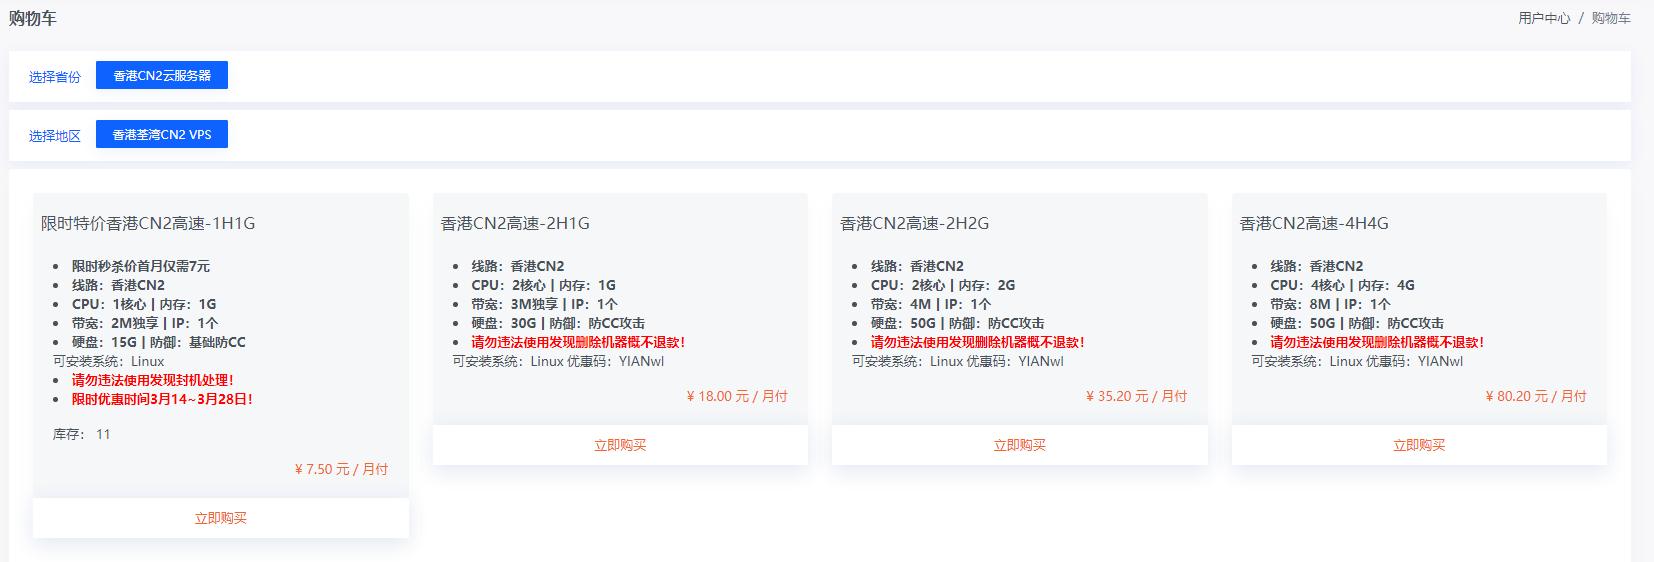 一个安全、稳定、低价的香港VPS推荐,最低只需7.5元/月